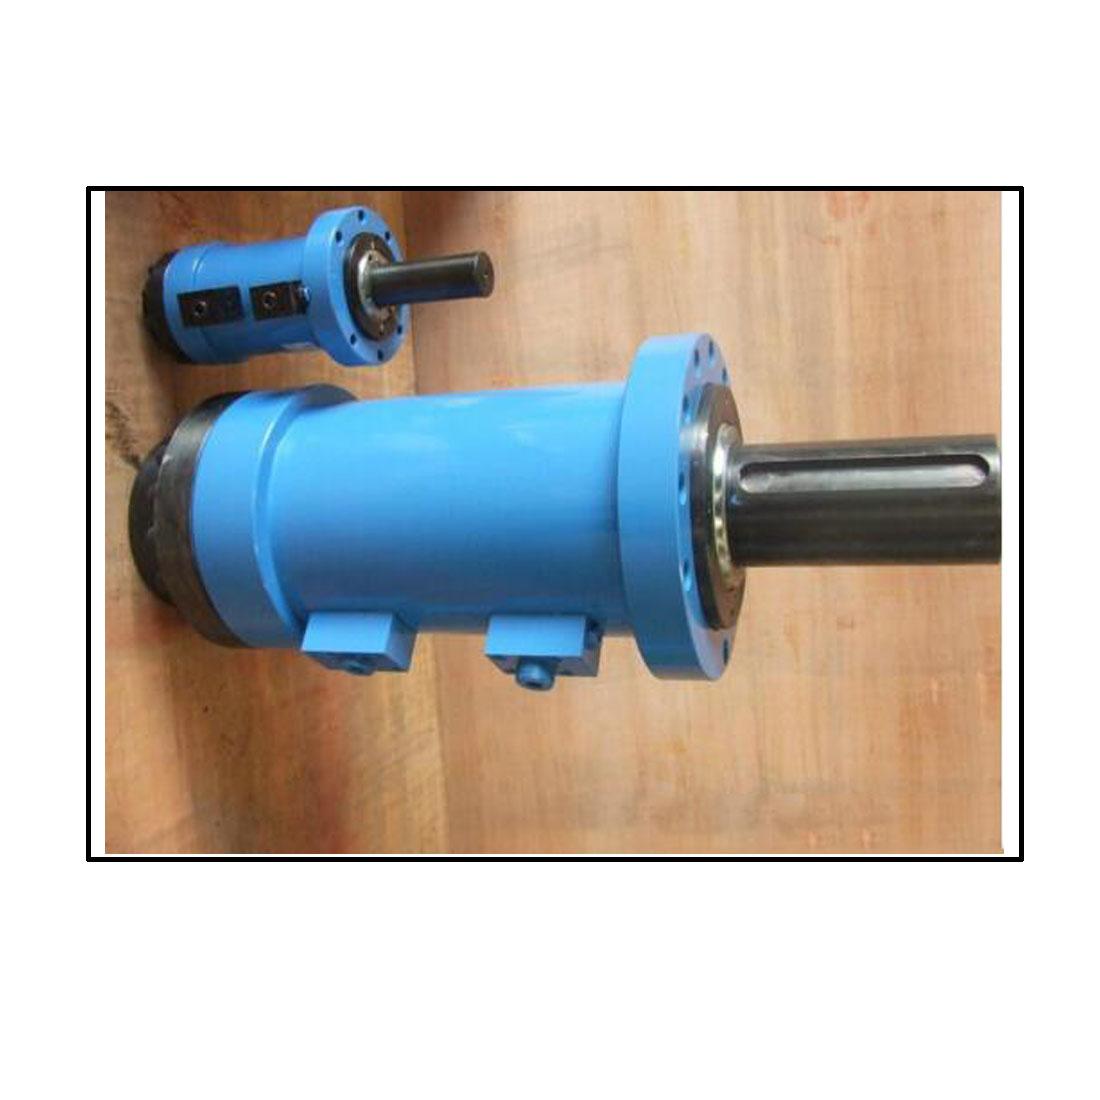 液压缸|液压油缸生产定做-中动液压机械厂家直销 液压油缸厂家图片